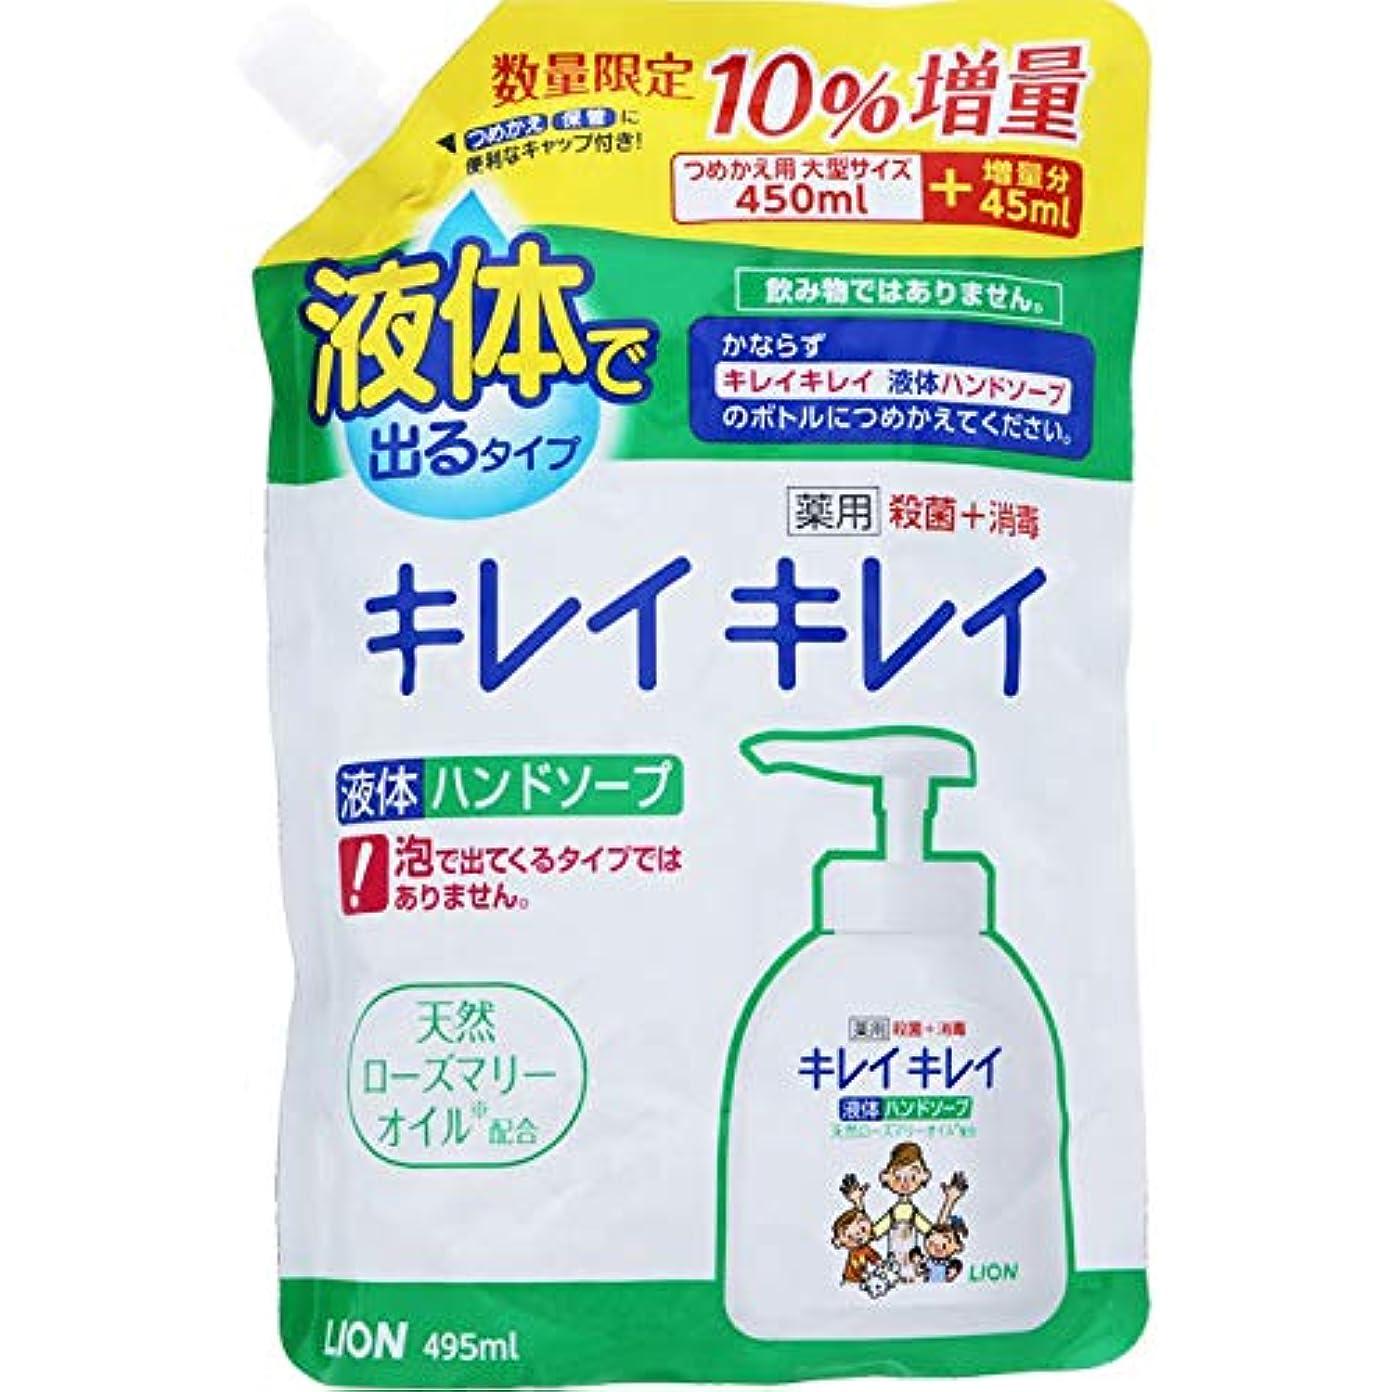 ライオン キレイキレイ 薬用ハンドソープ 詰替用大型増量 450+45ml